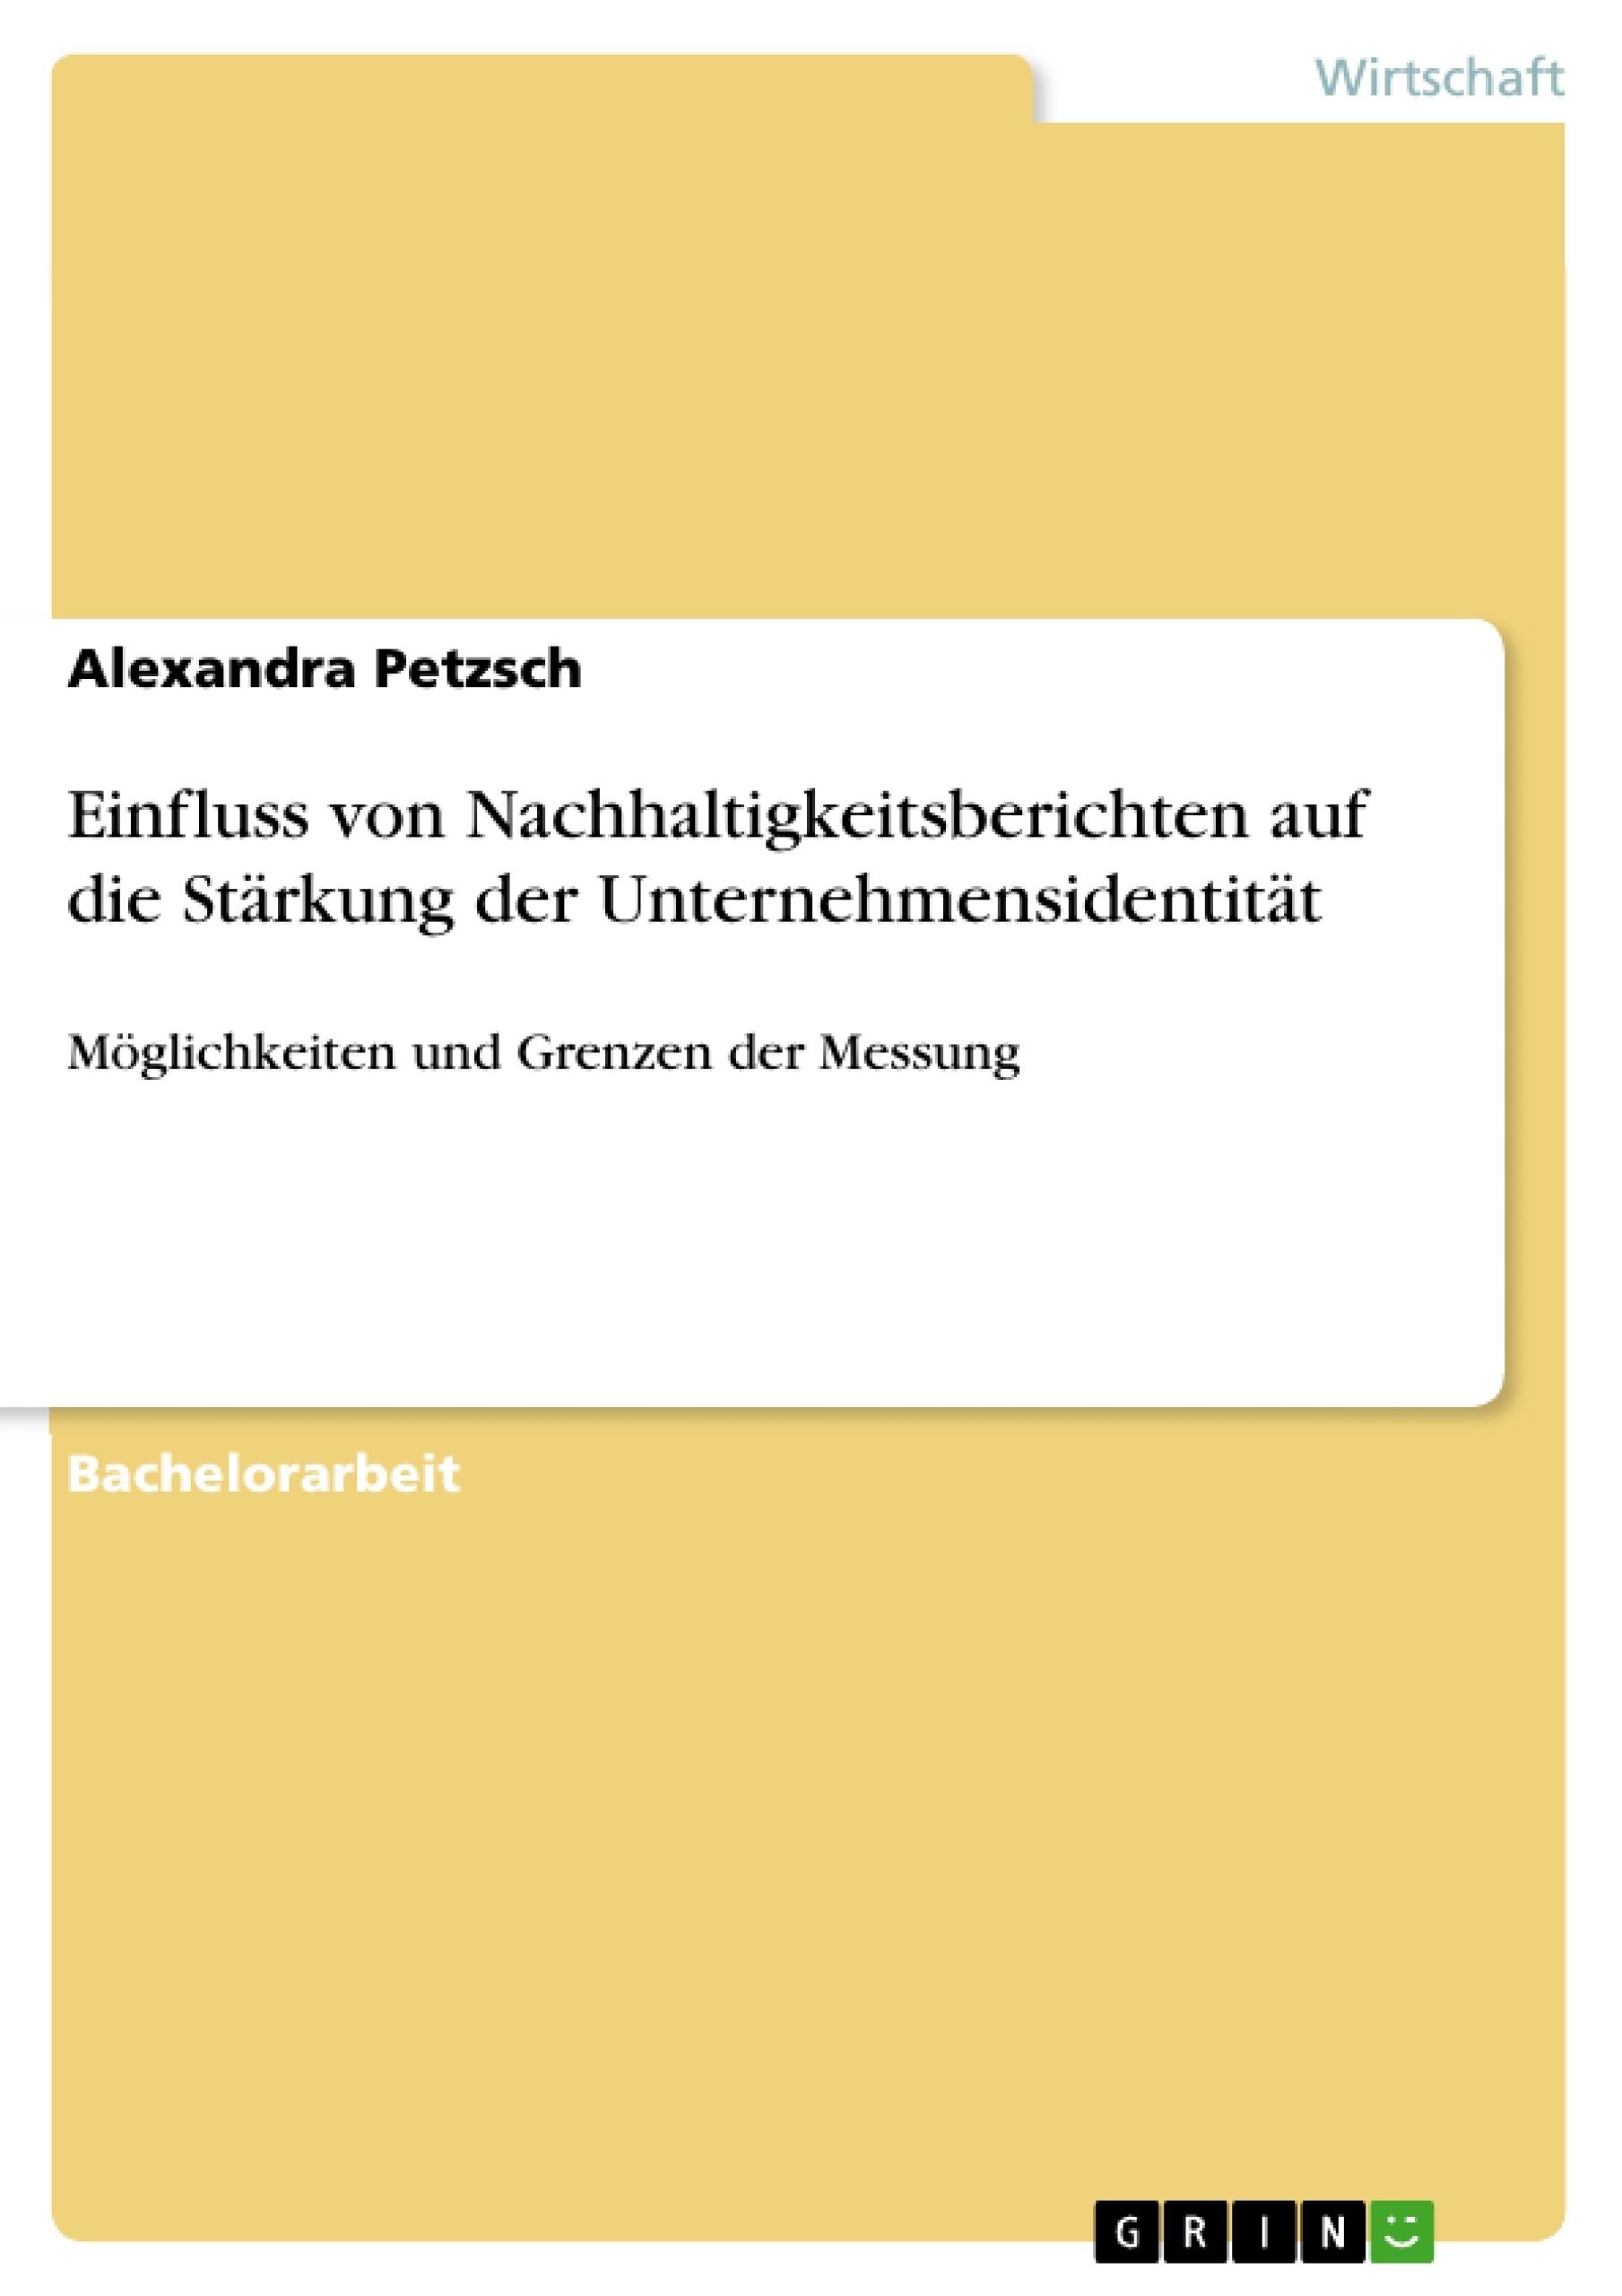 Titel: Einfluss von Nachhaltigkeitsberichten auf die Stärkung der Unternehmensidentität